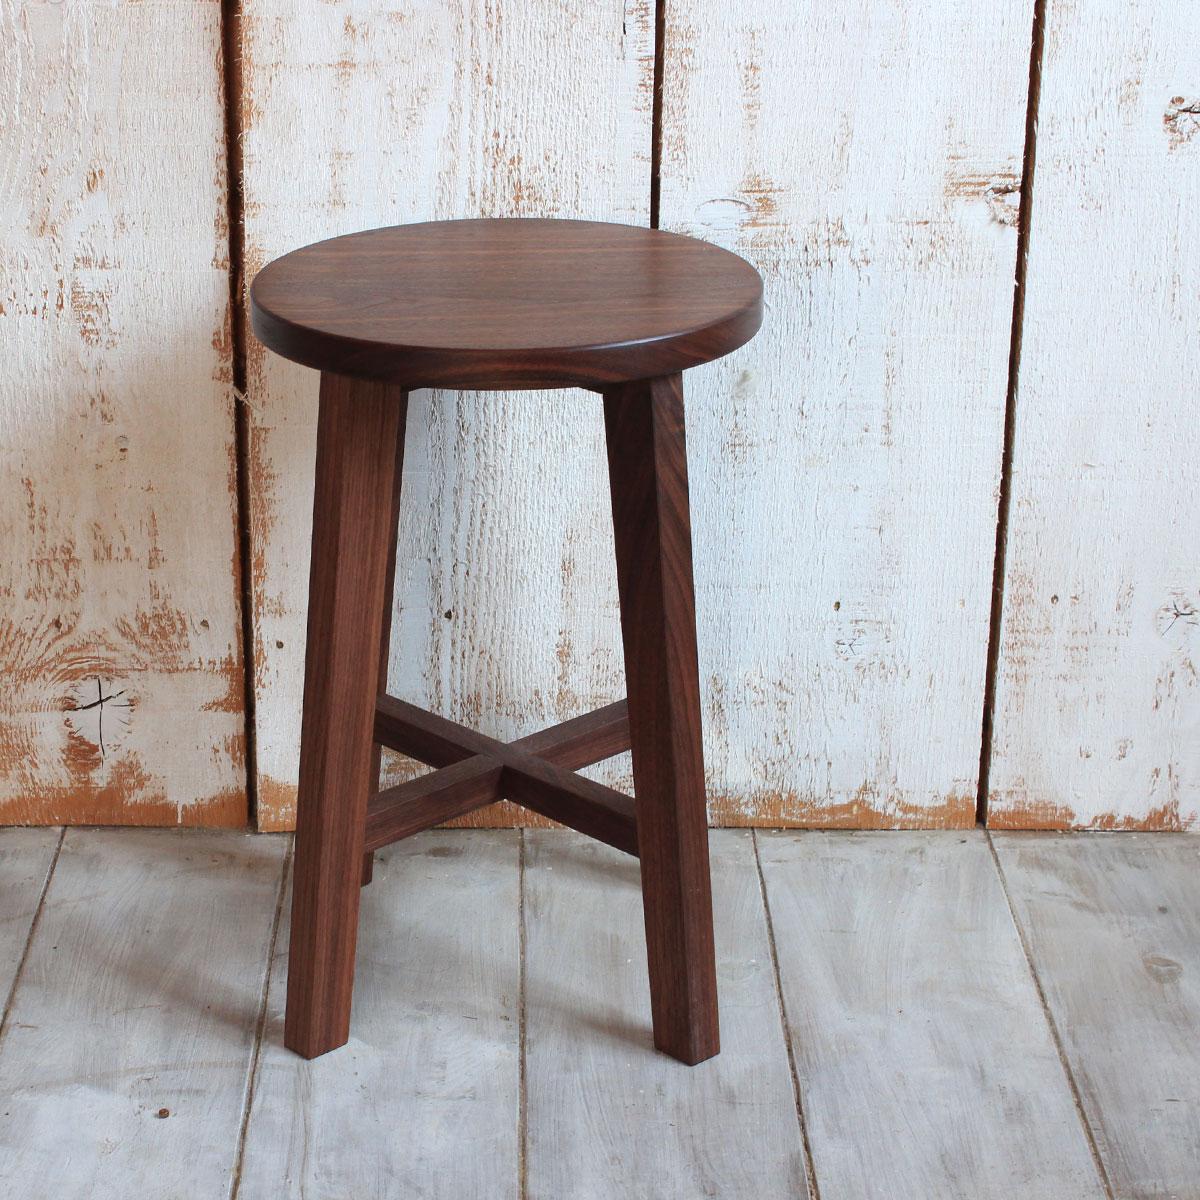 スツール チェア 木製 おしゃれ 北欧 椅子 オーク材 ウォールナット材 送料無料